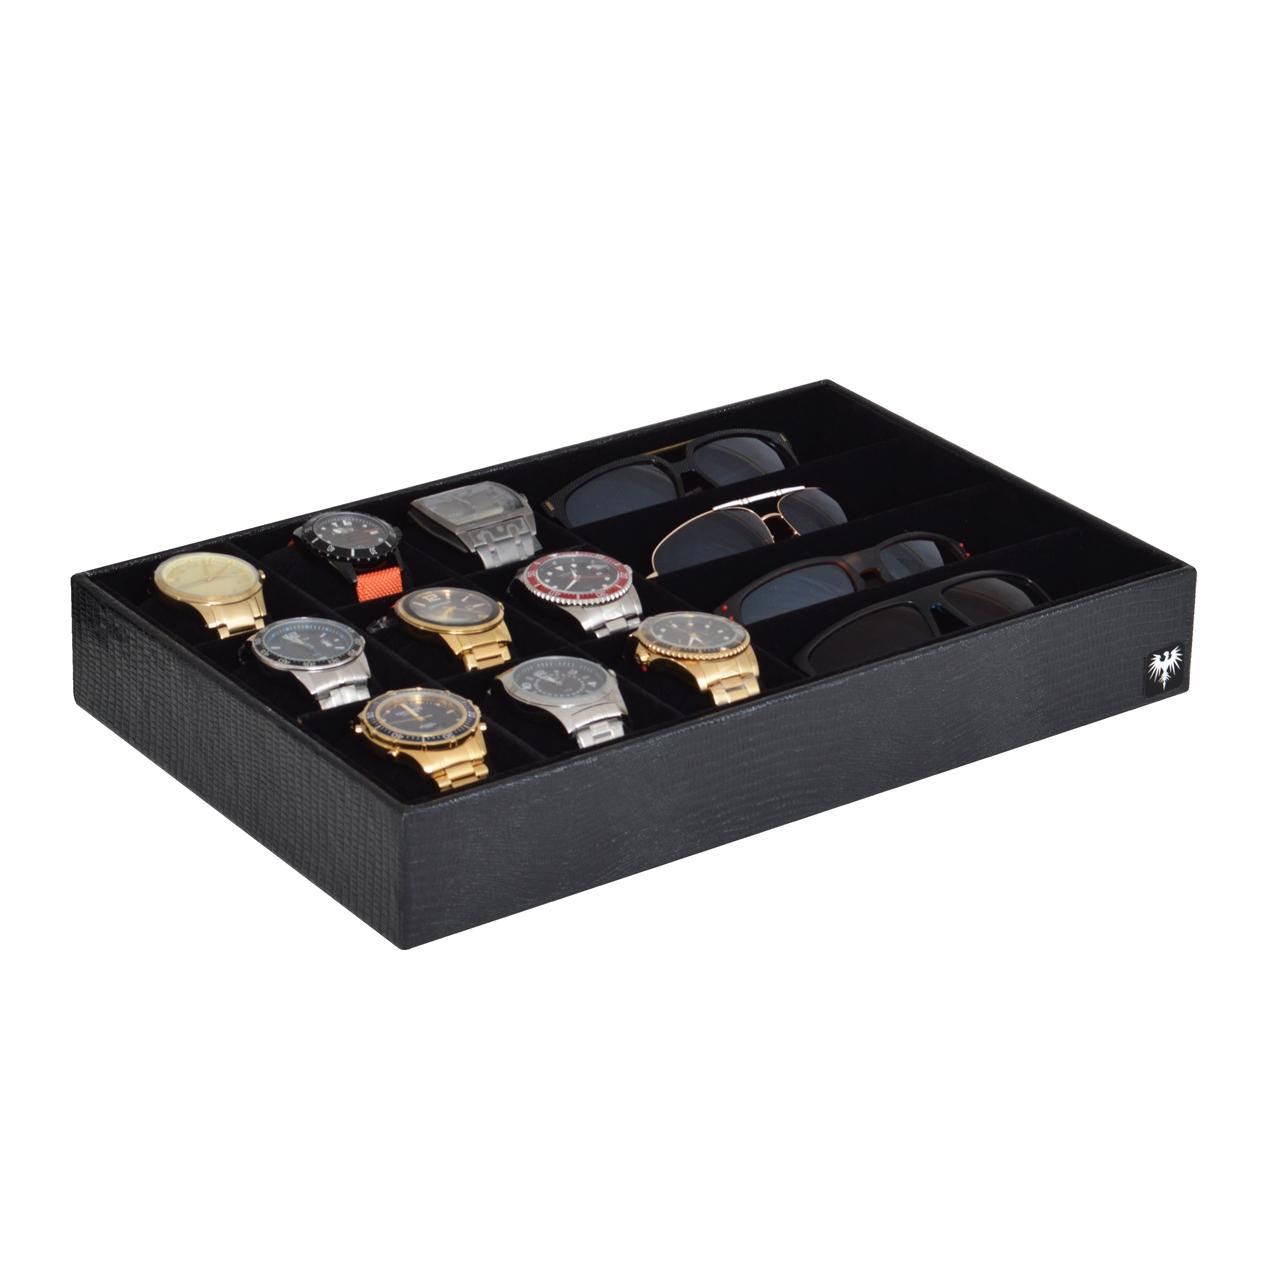 bandeja-couro-ecologico-9-relogios-4-oculos-preto-preto-porta-imagem-1.jpg